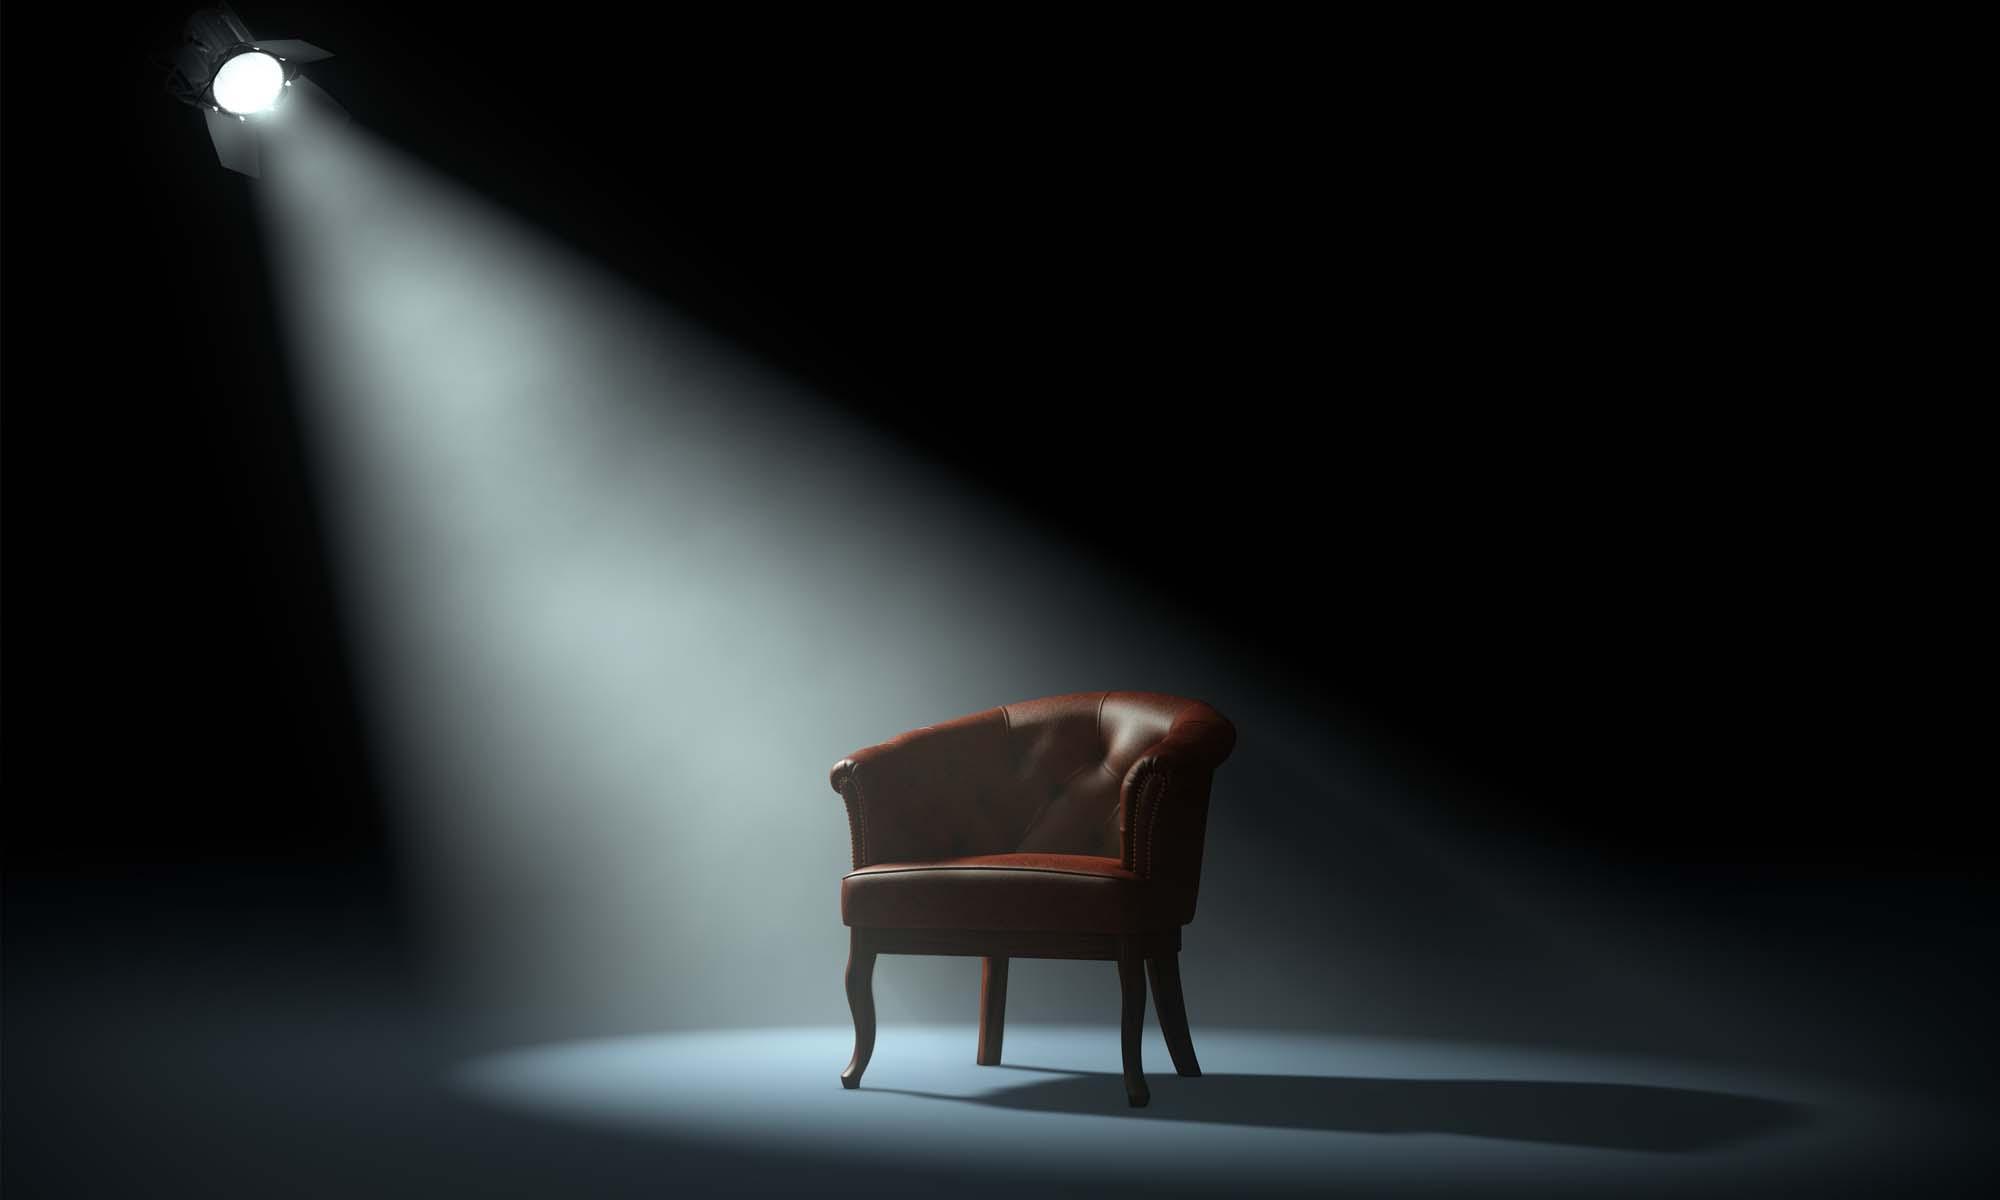 Stuhl auf einer Bühne - Bild aus der Homepage von Coach Tiziana Bruno